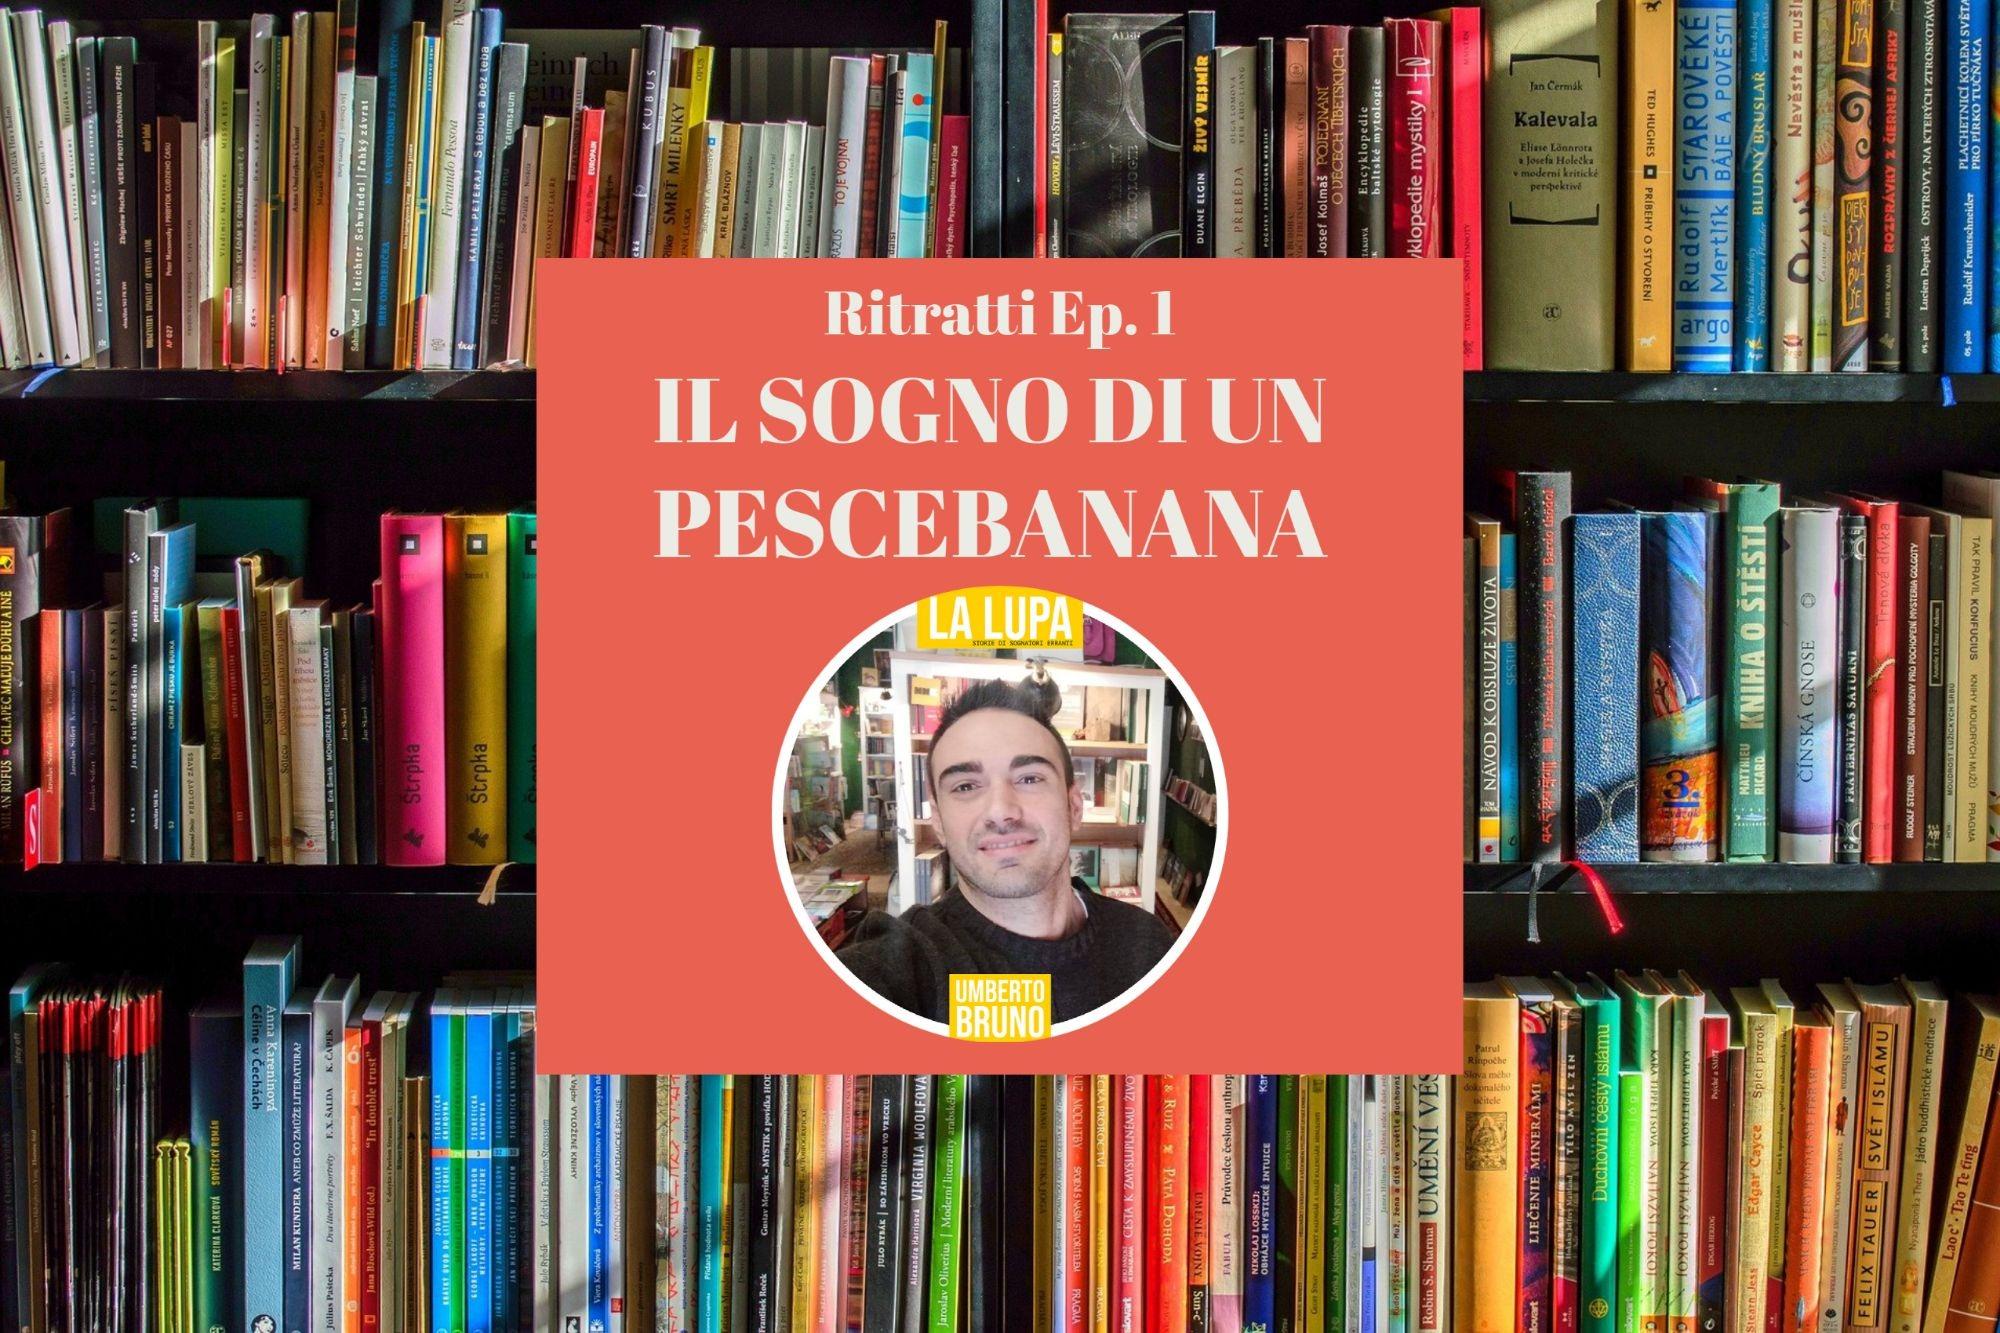 Ritratti Ep.2: Conversazione con l'editore - Lekton Edizioni